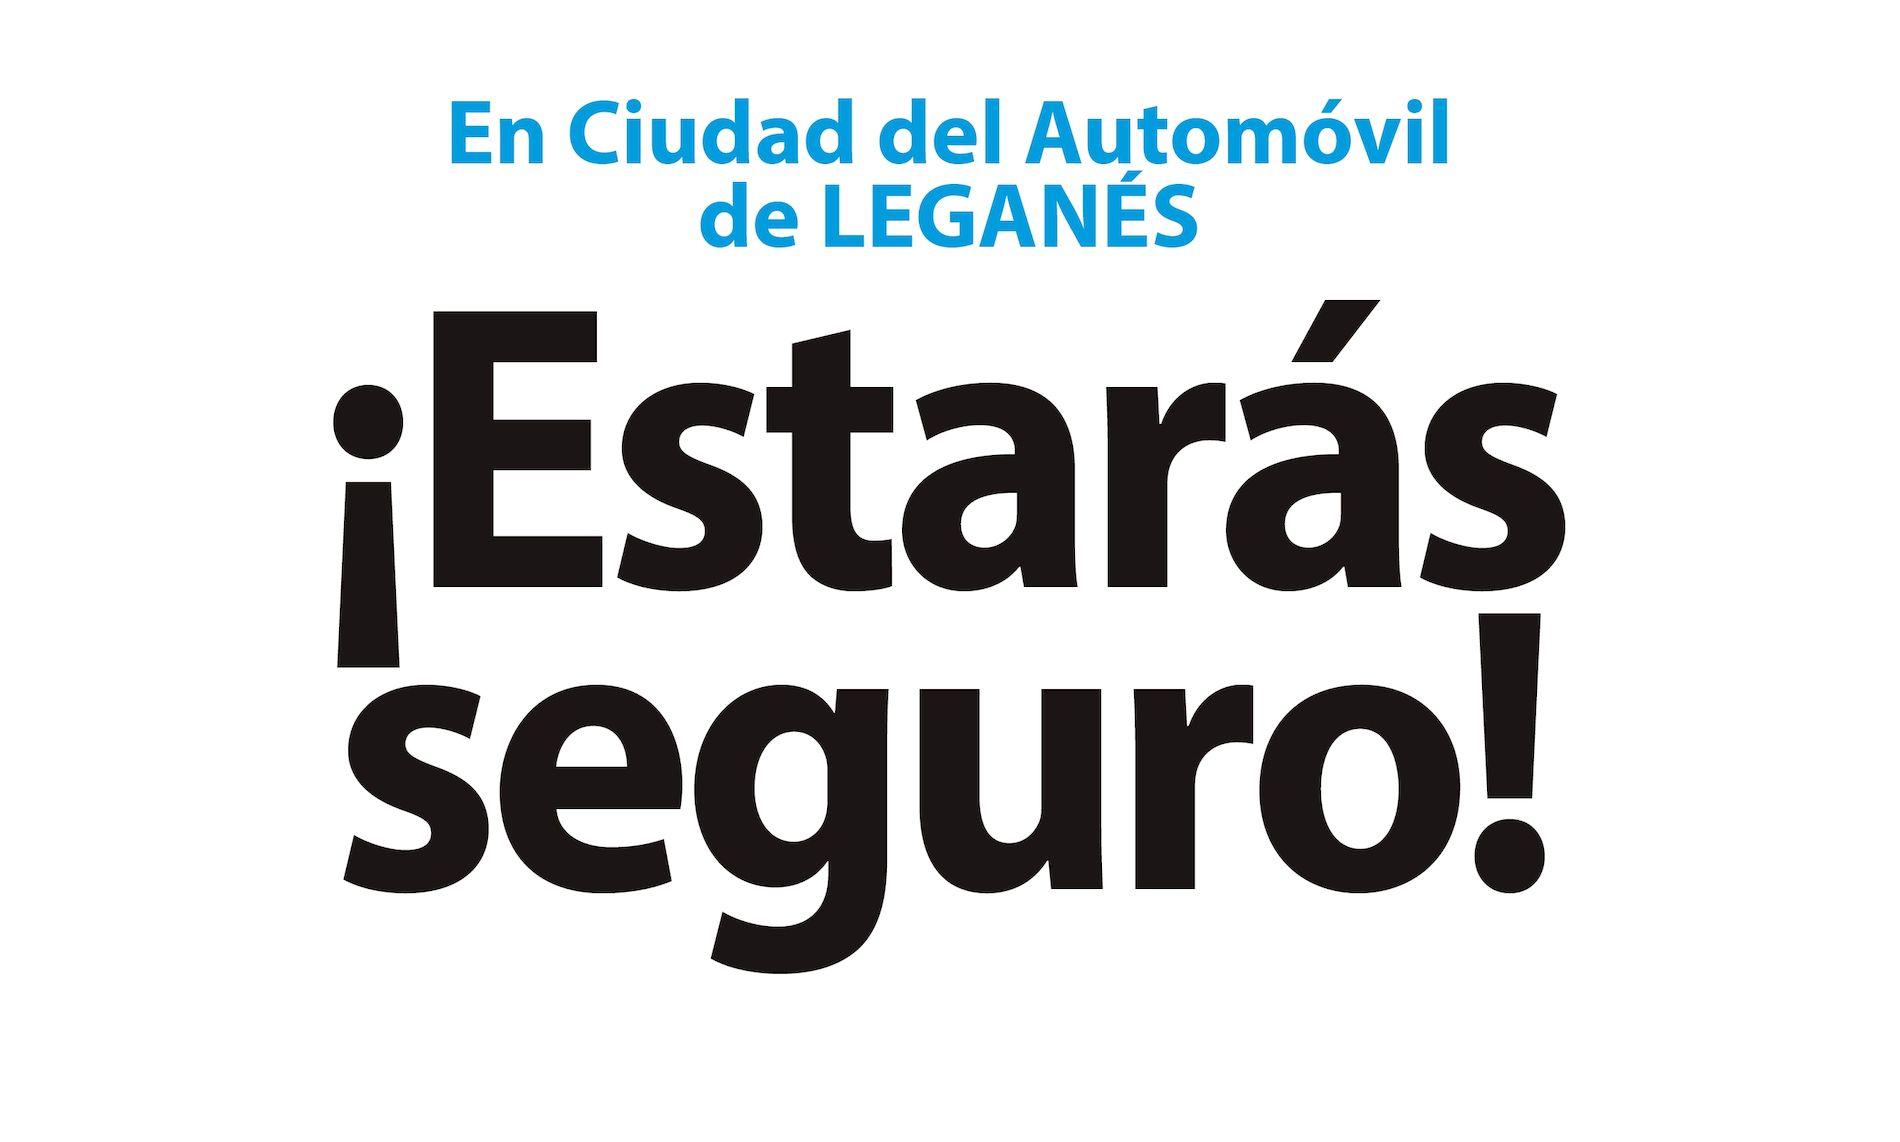 La ciudad del automovil abre el 11 de mayo